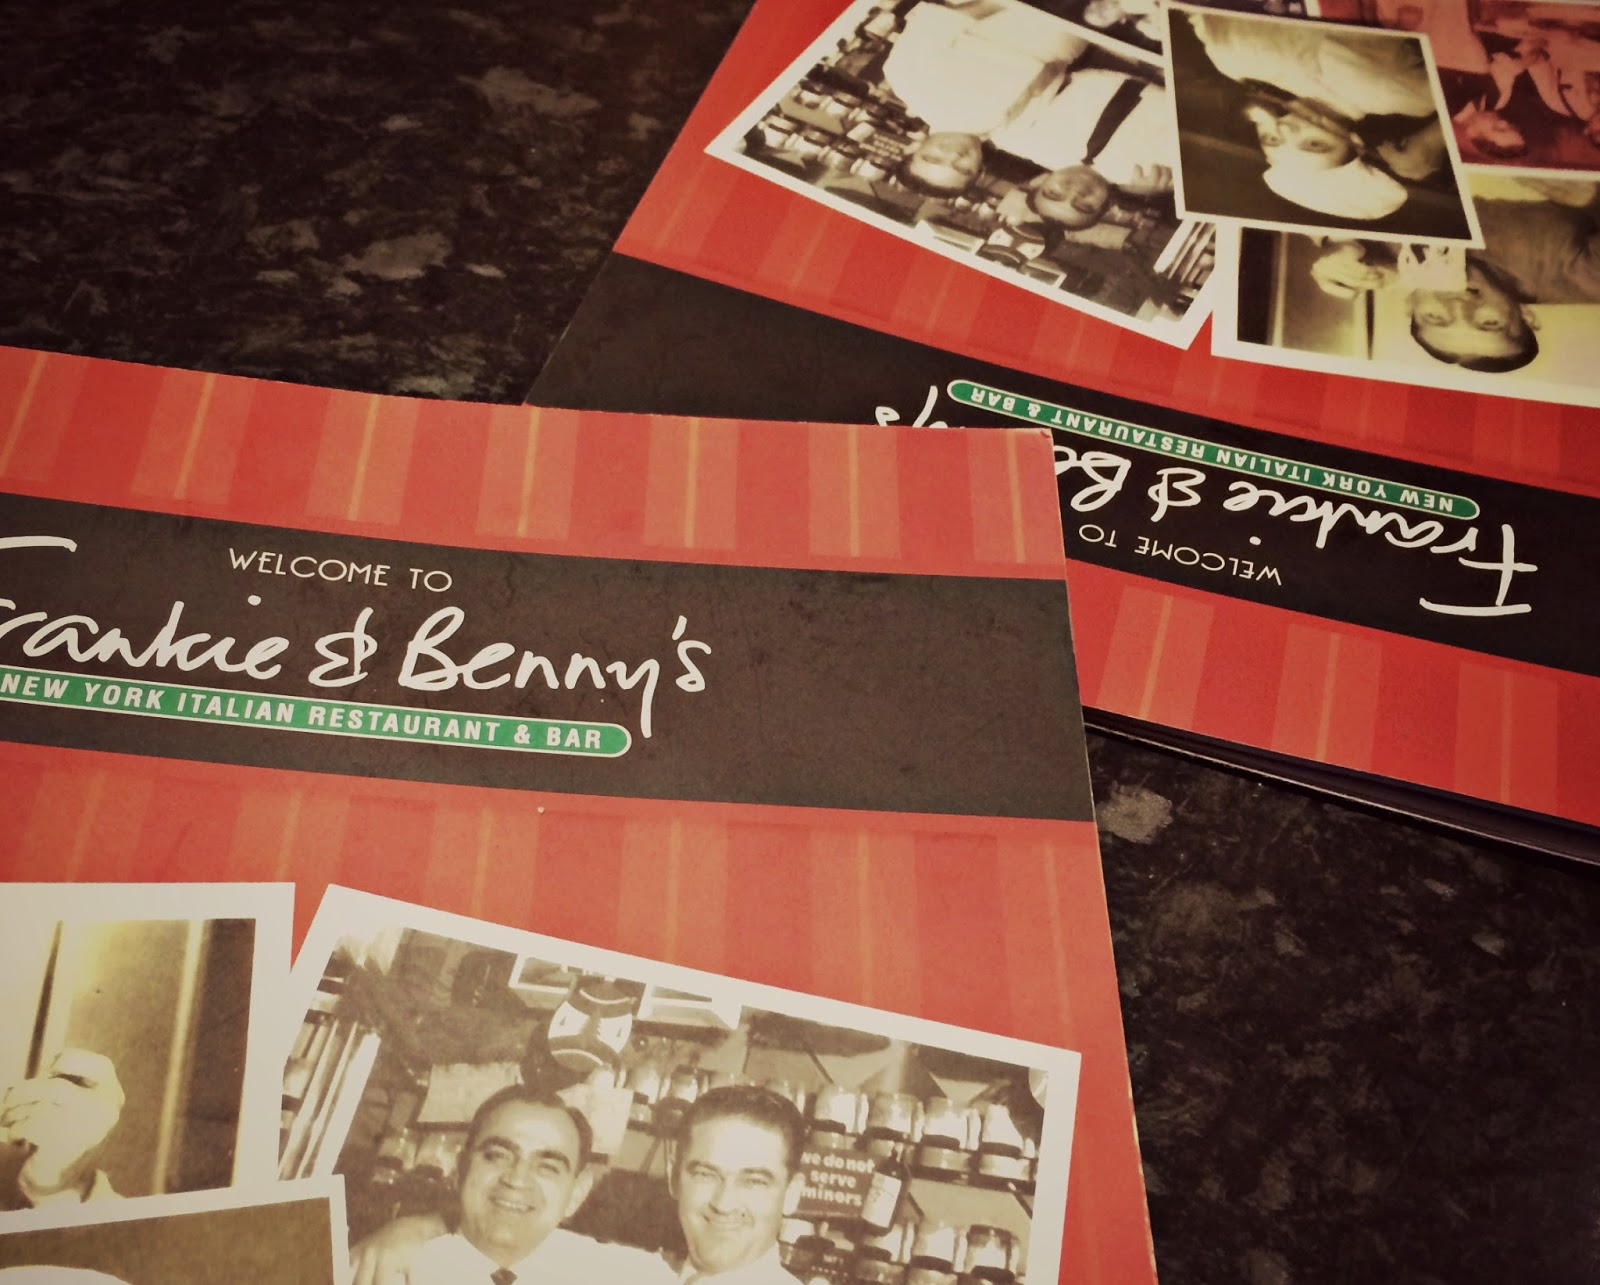 Frankie & Benny's Breakfast